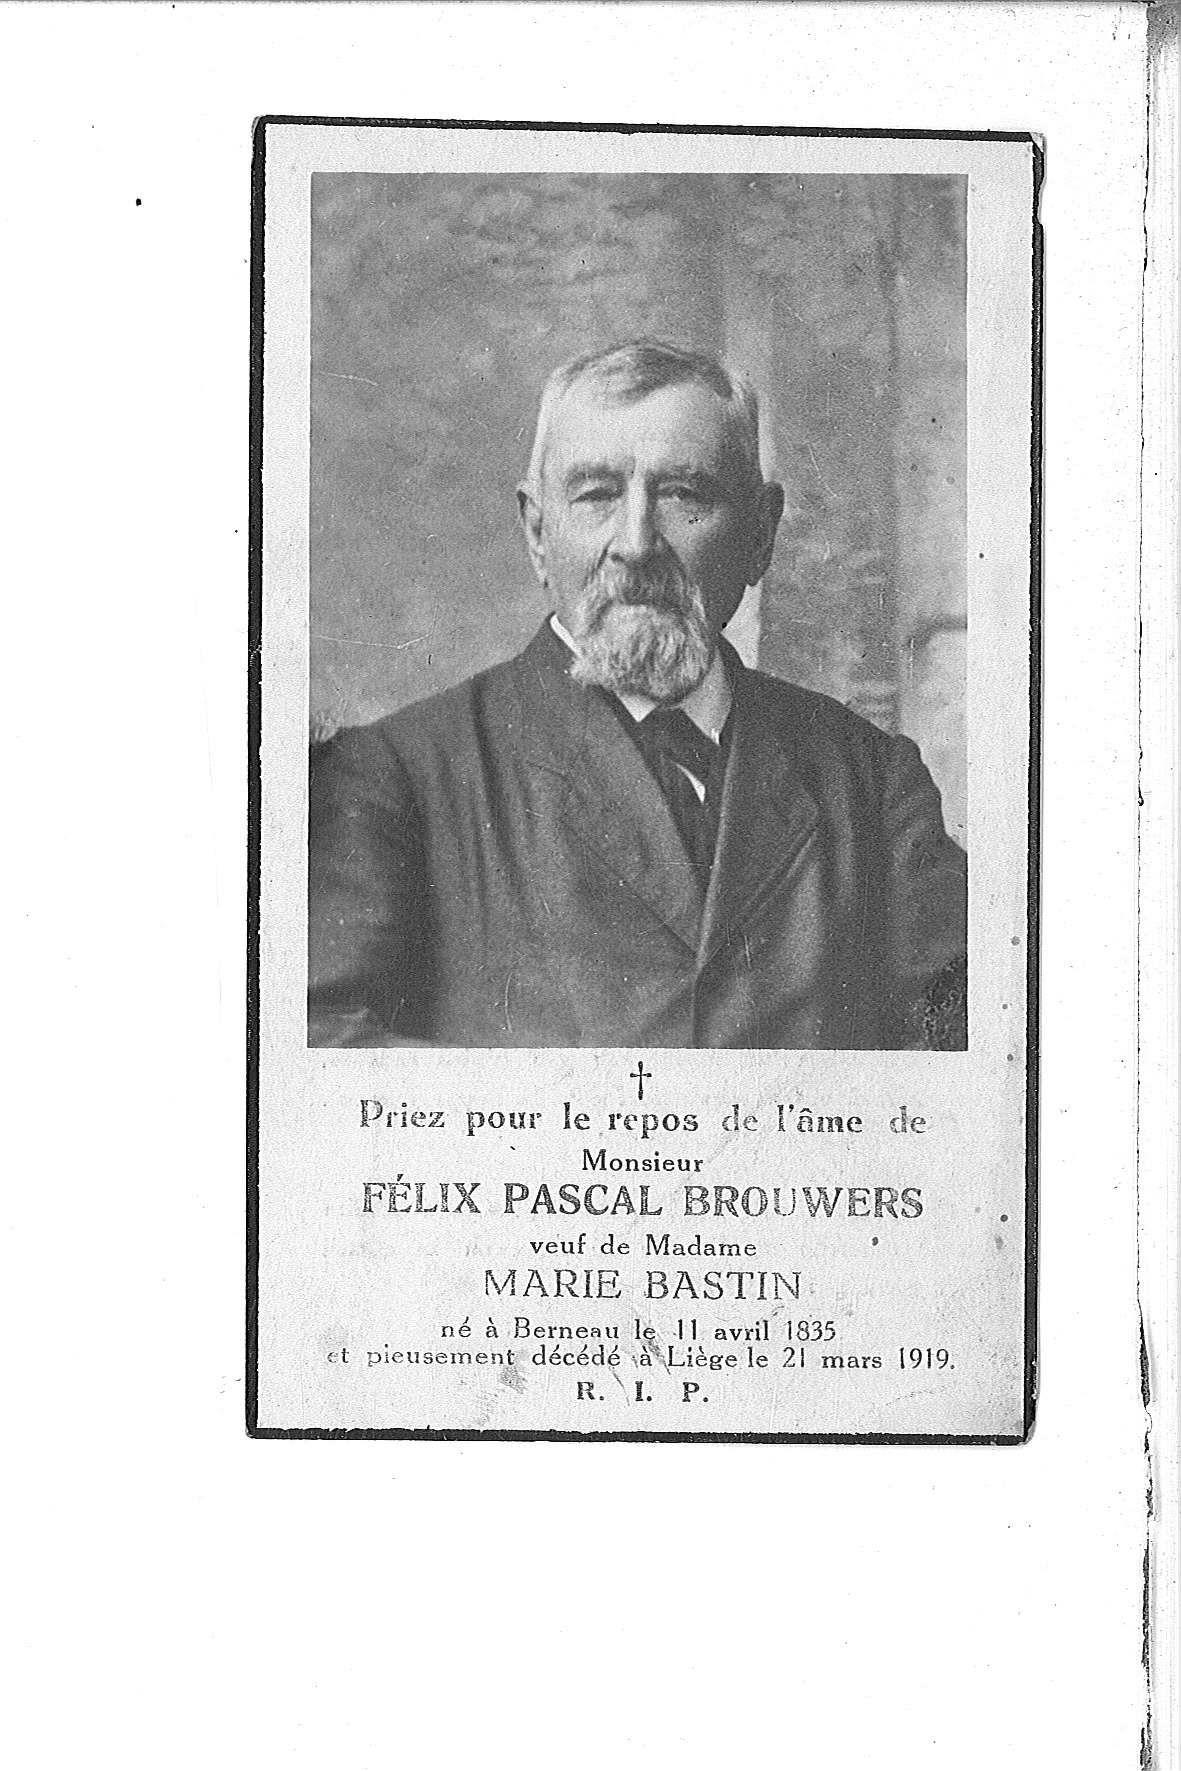 Felix Pascal (1919) 20110805165022_00045.jpg